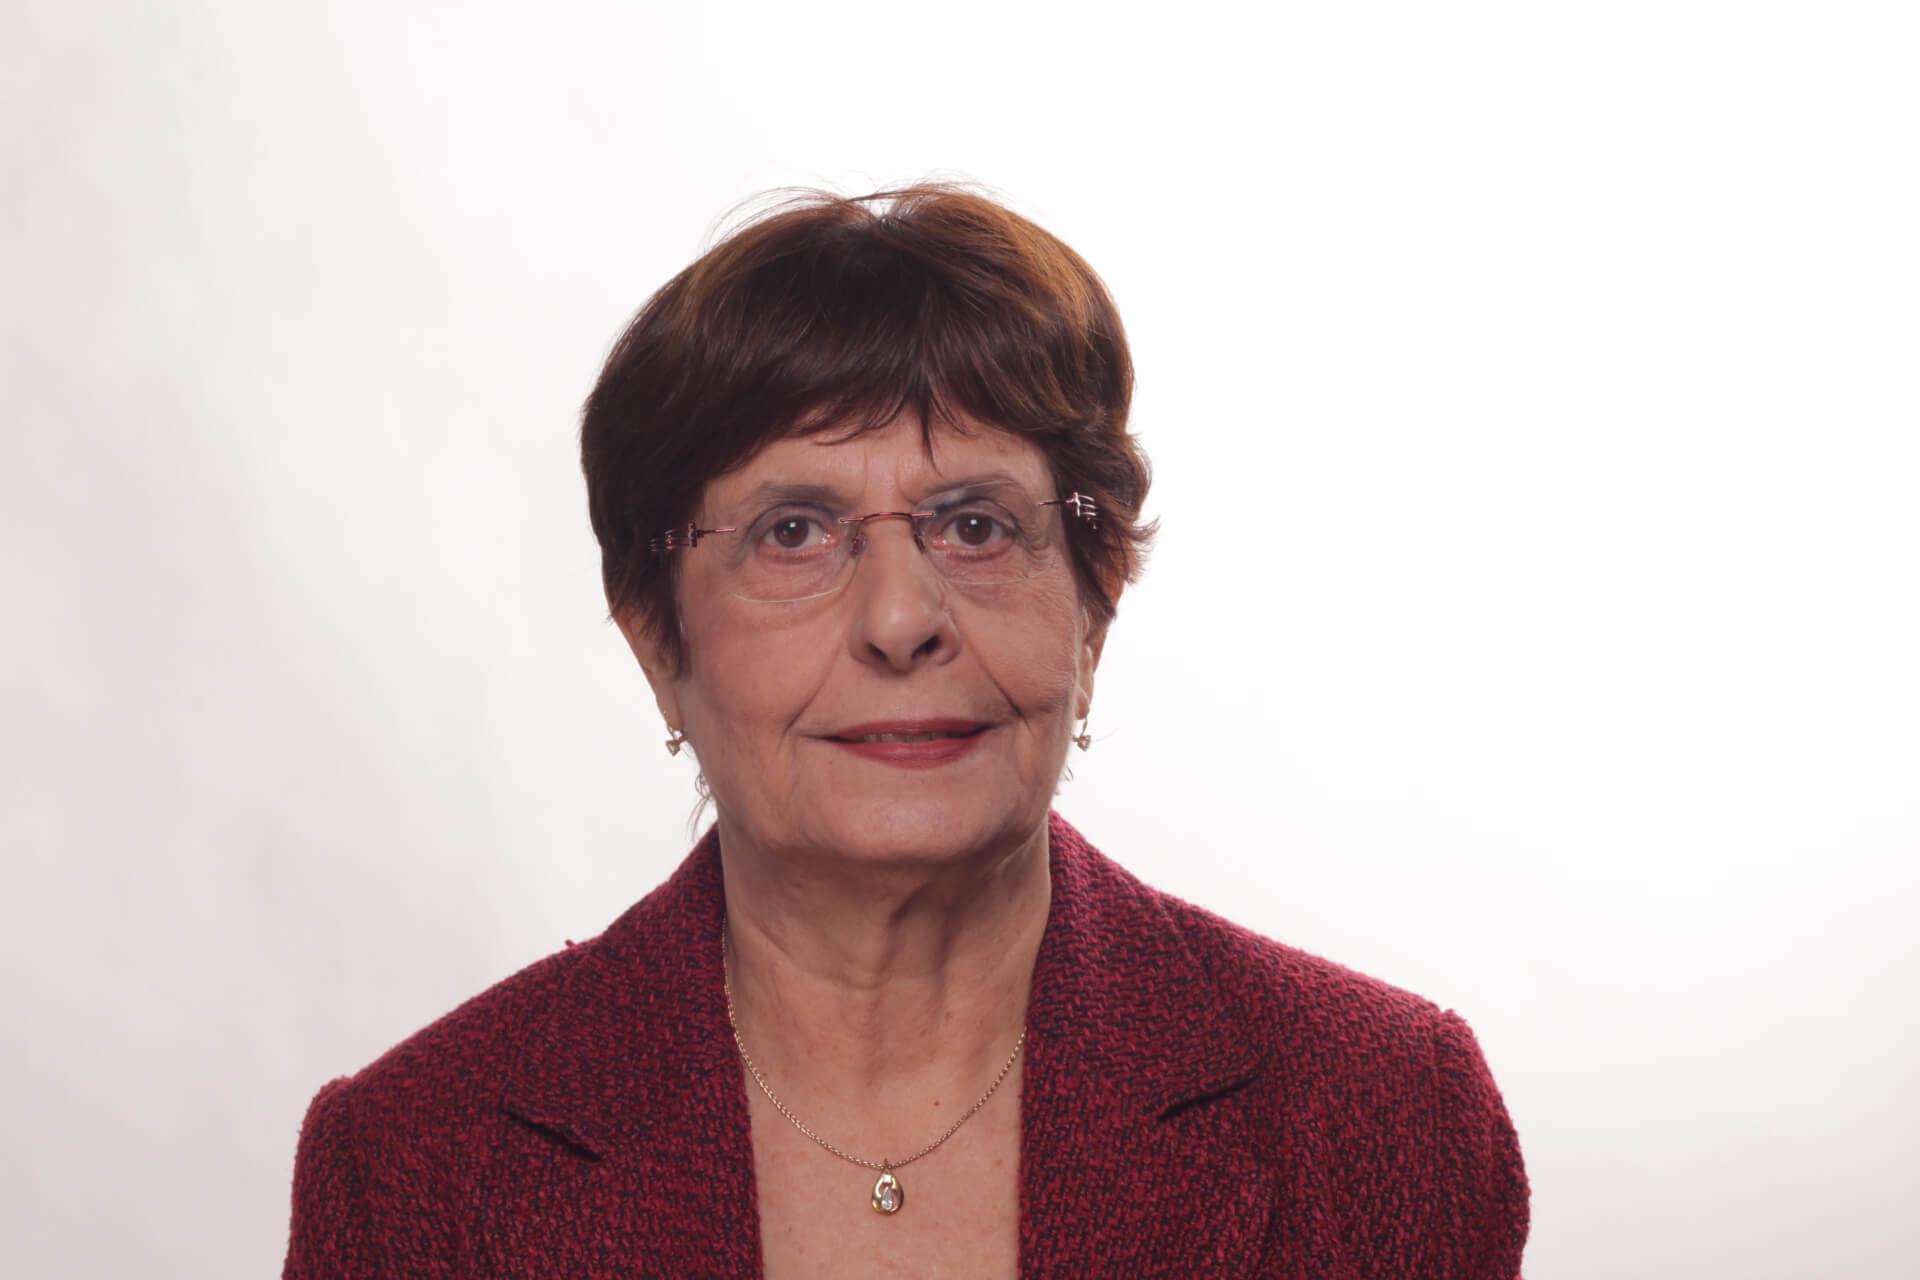 פרופסור לאה קוזמינסקי נשיאת המכללה